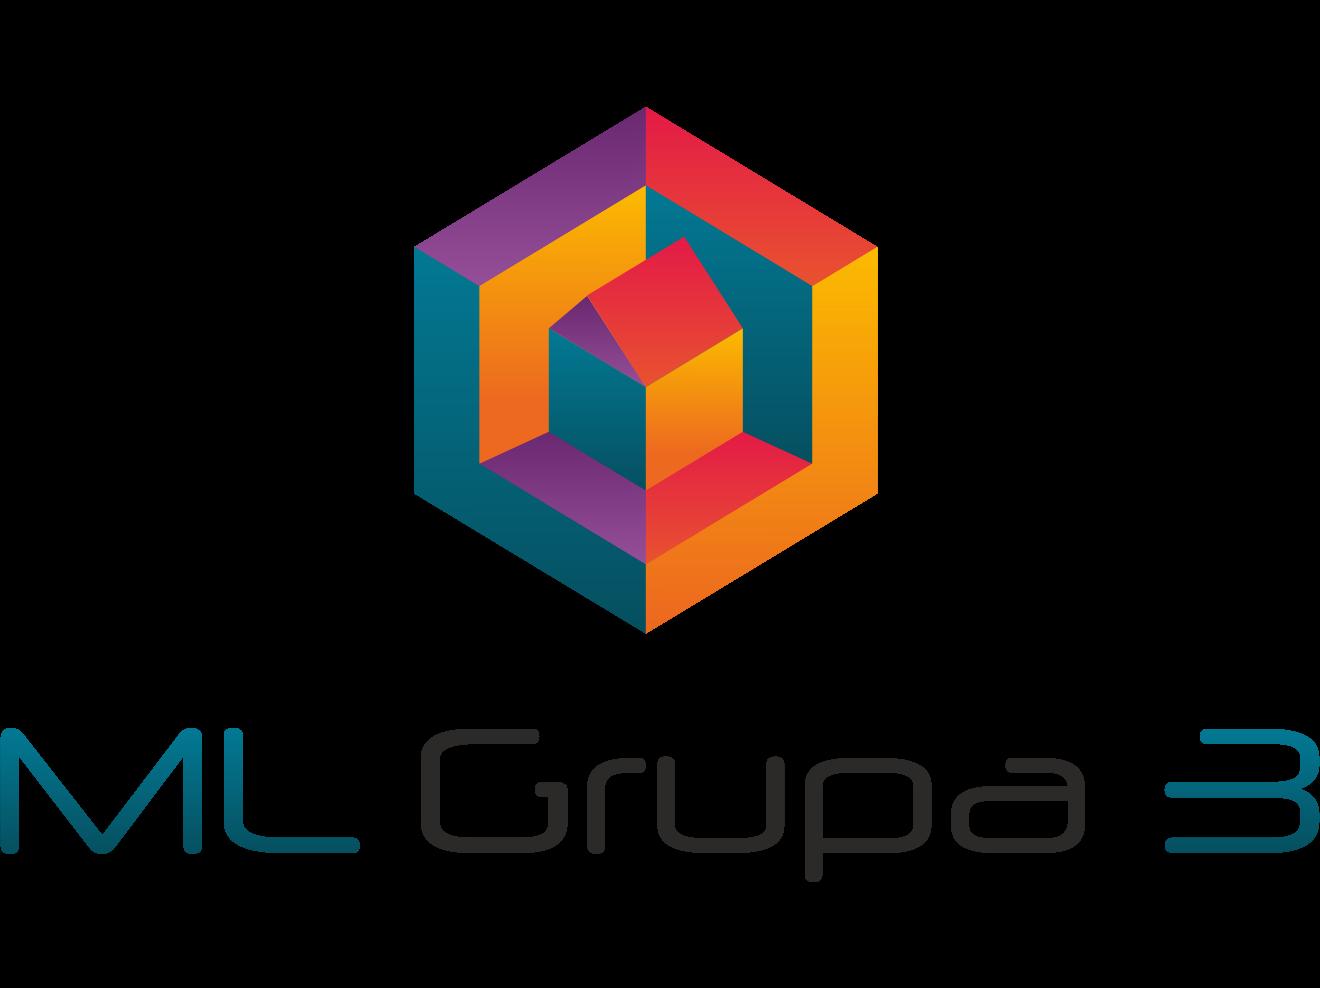 Создание логотпа и стиля для строительной компании ML Grupa 3. Логотип сложной формы